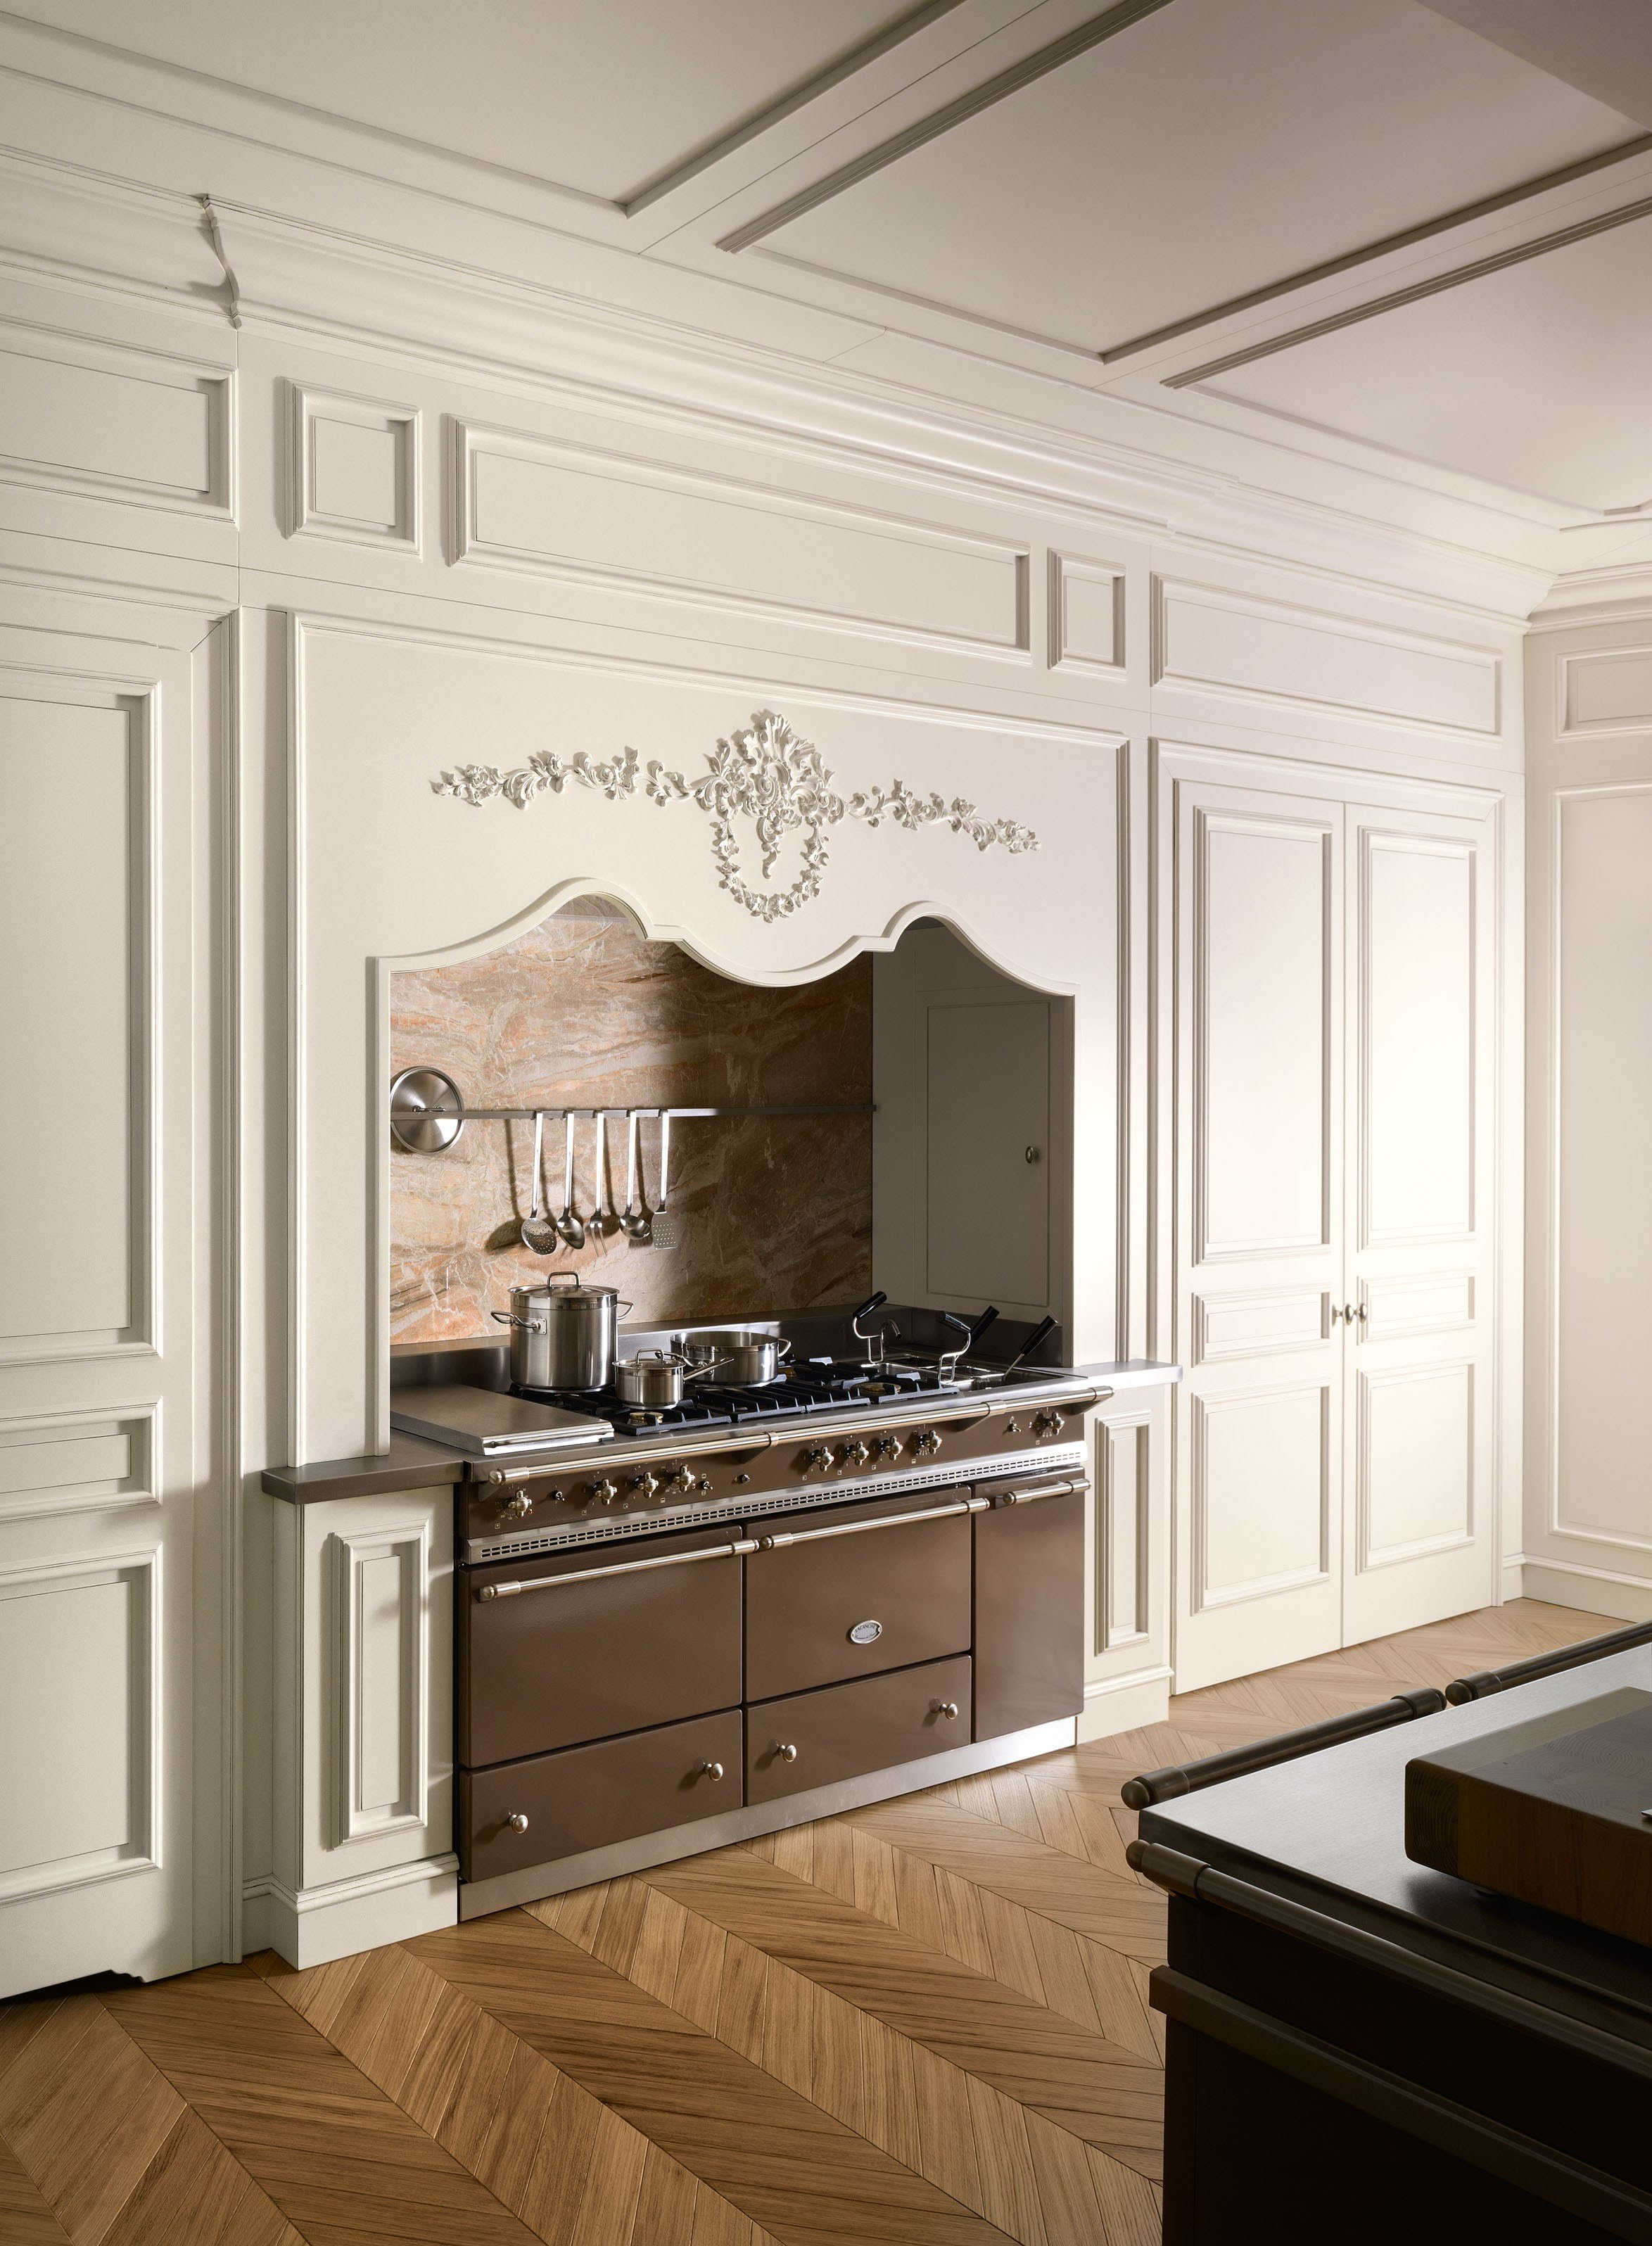 Floral cucina componibile by l 39 ottocento - Cucine leicht prezzi ...